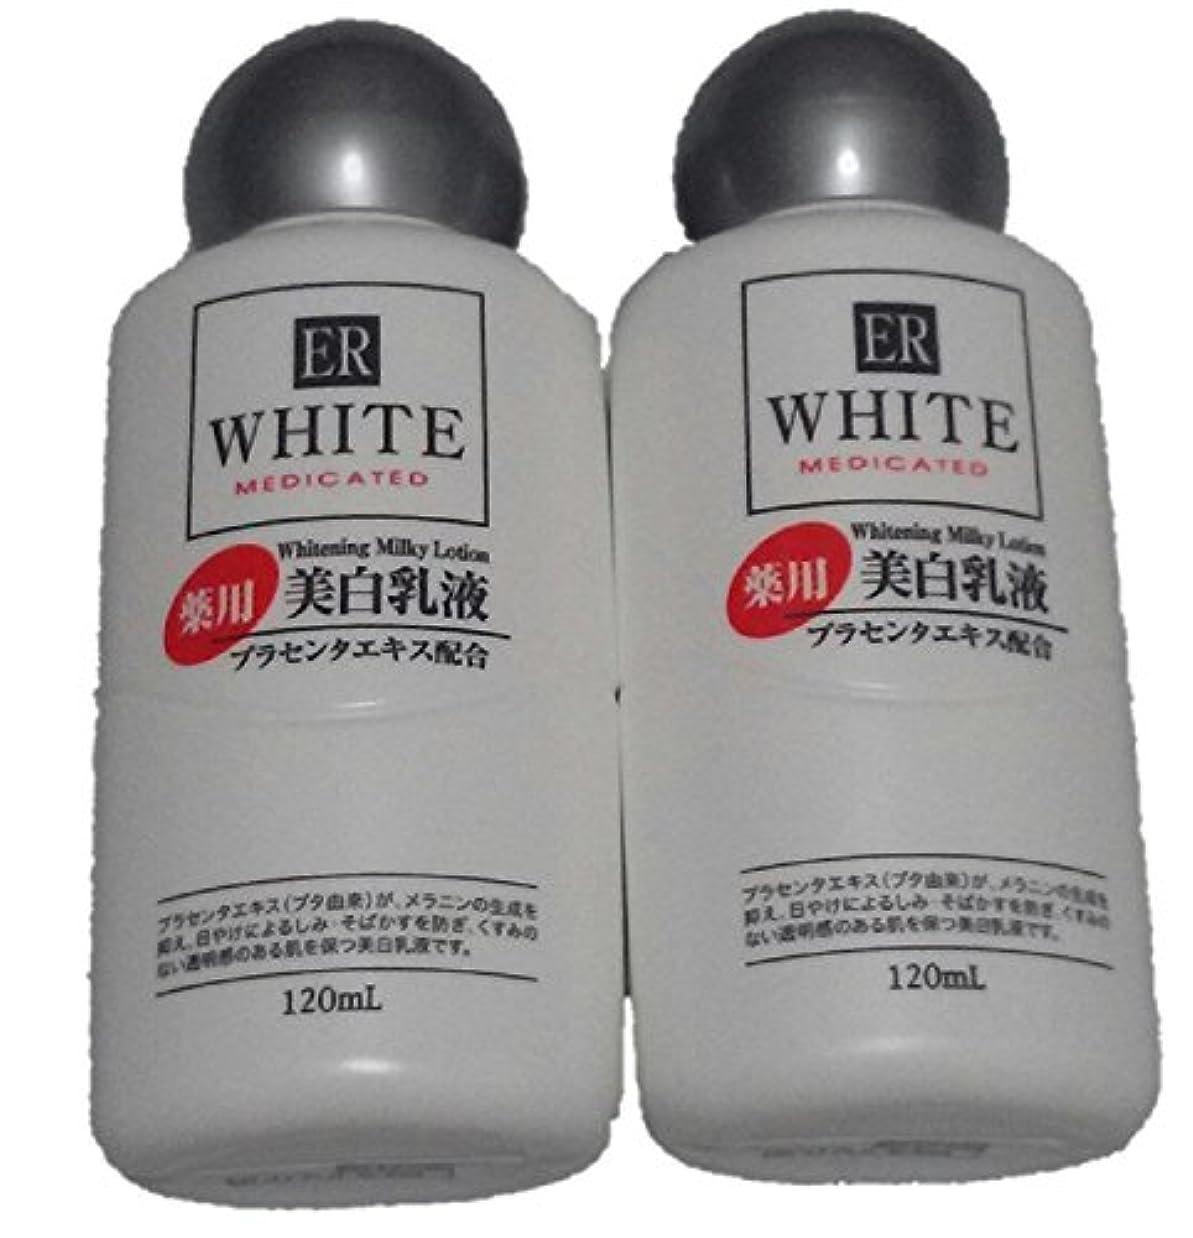 頑張るなかなか抹消【2本セット】コスモホワイトニングミルク 120ml